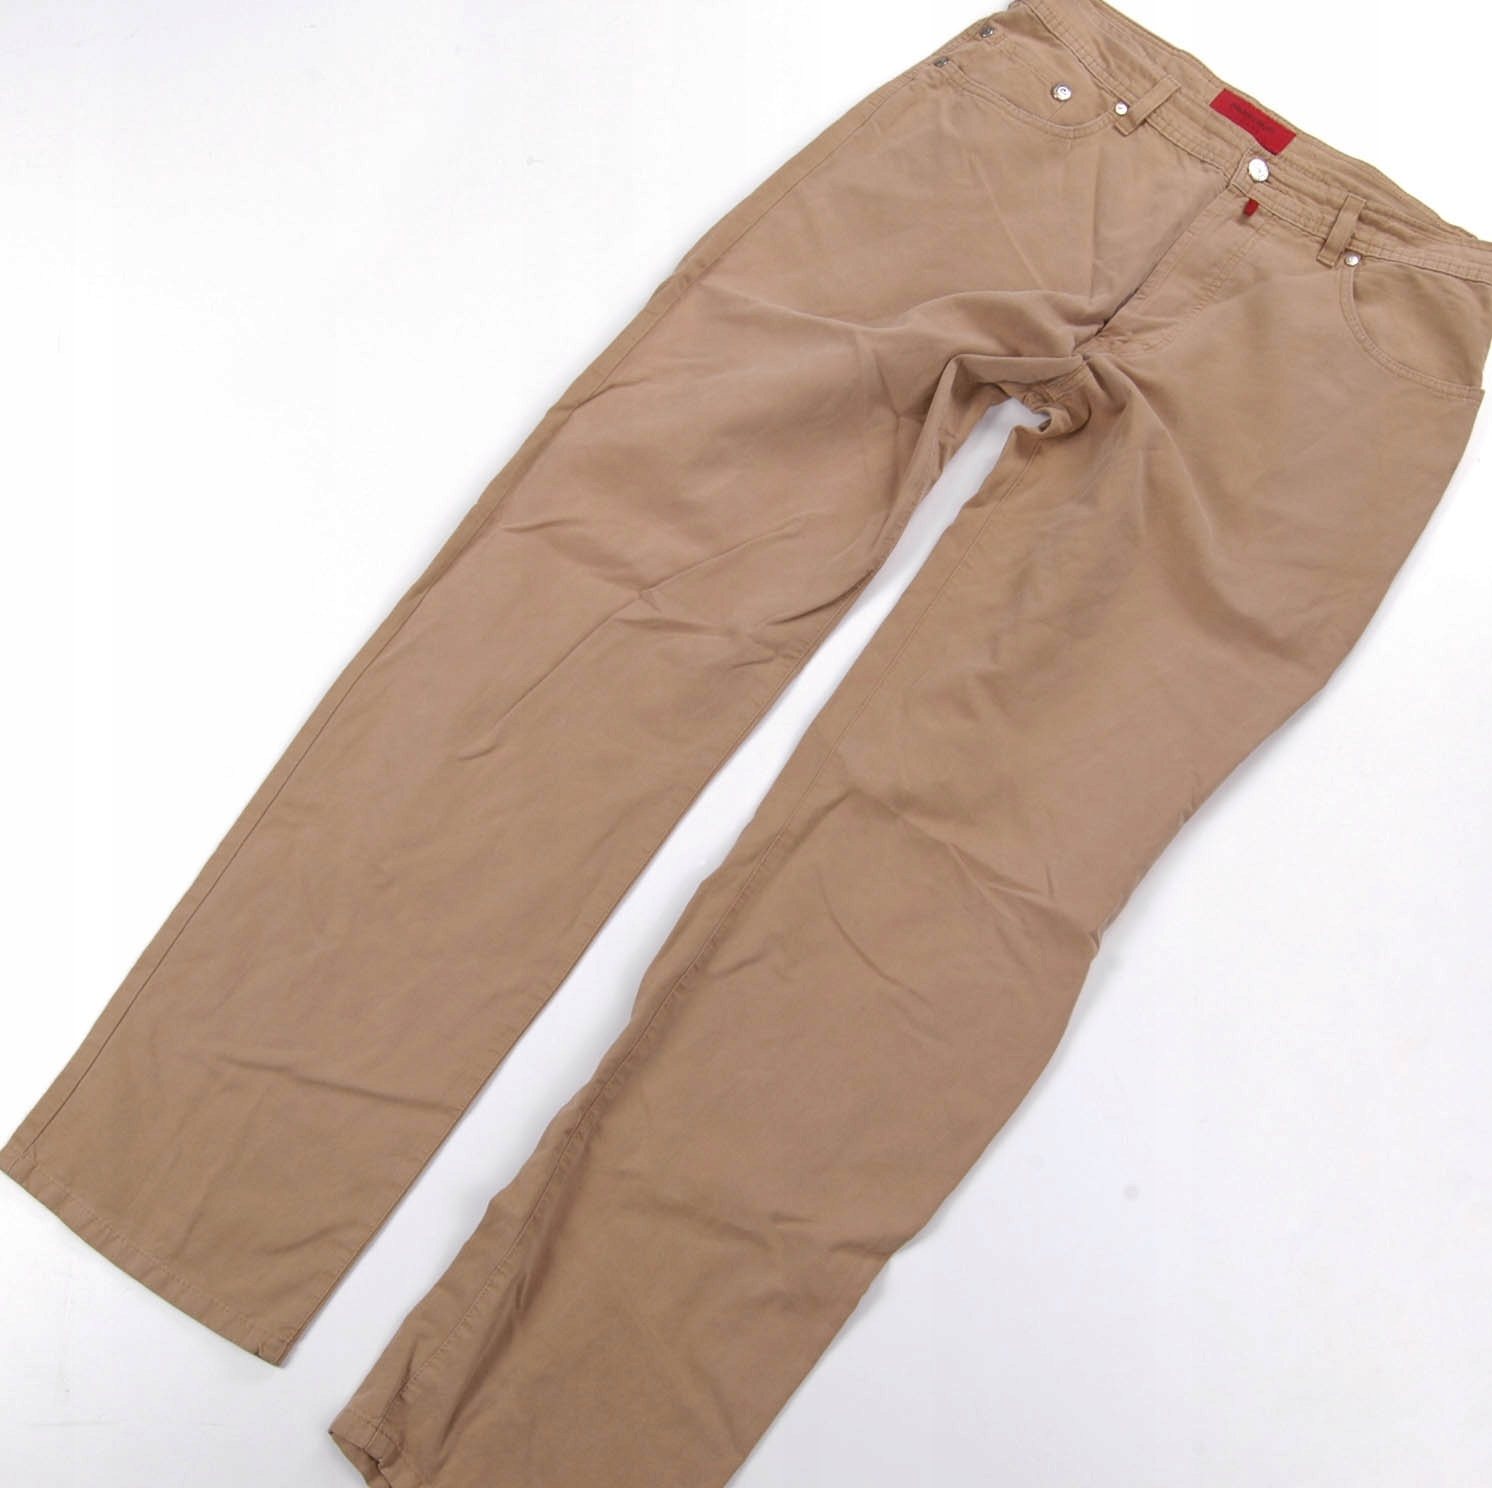 PIERRE CARDIN Spodnie męskie z logo M/L a2361